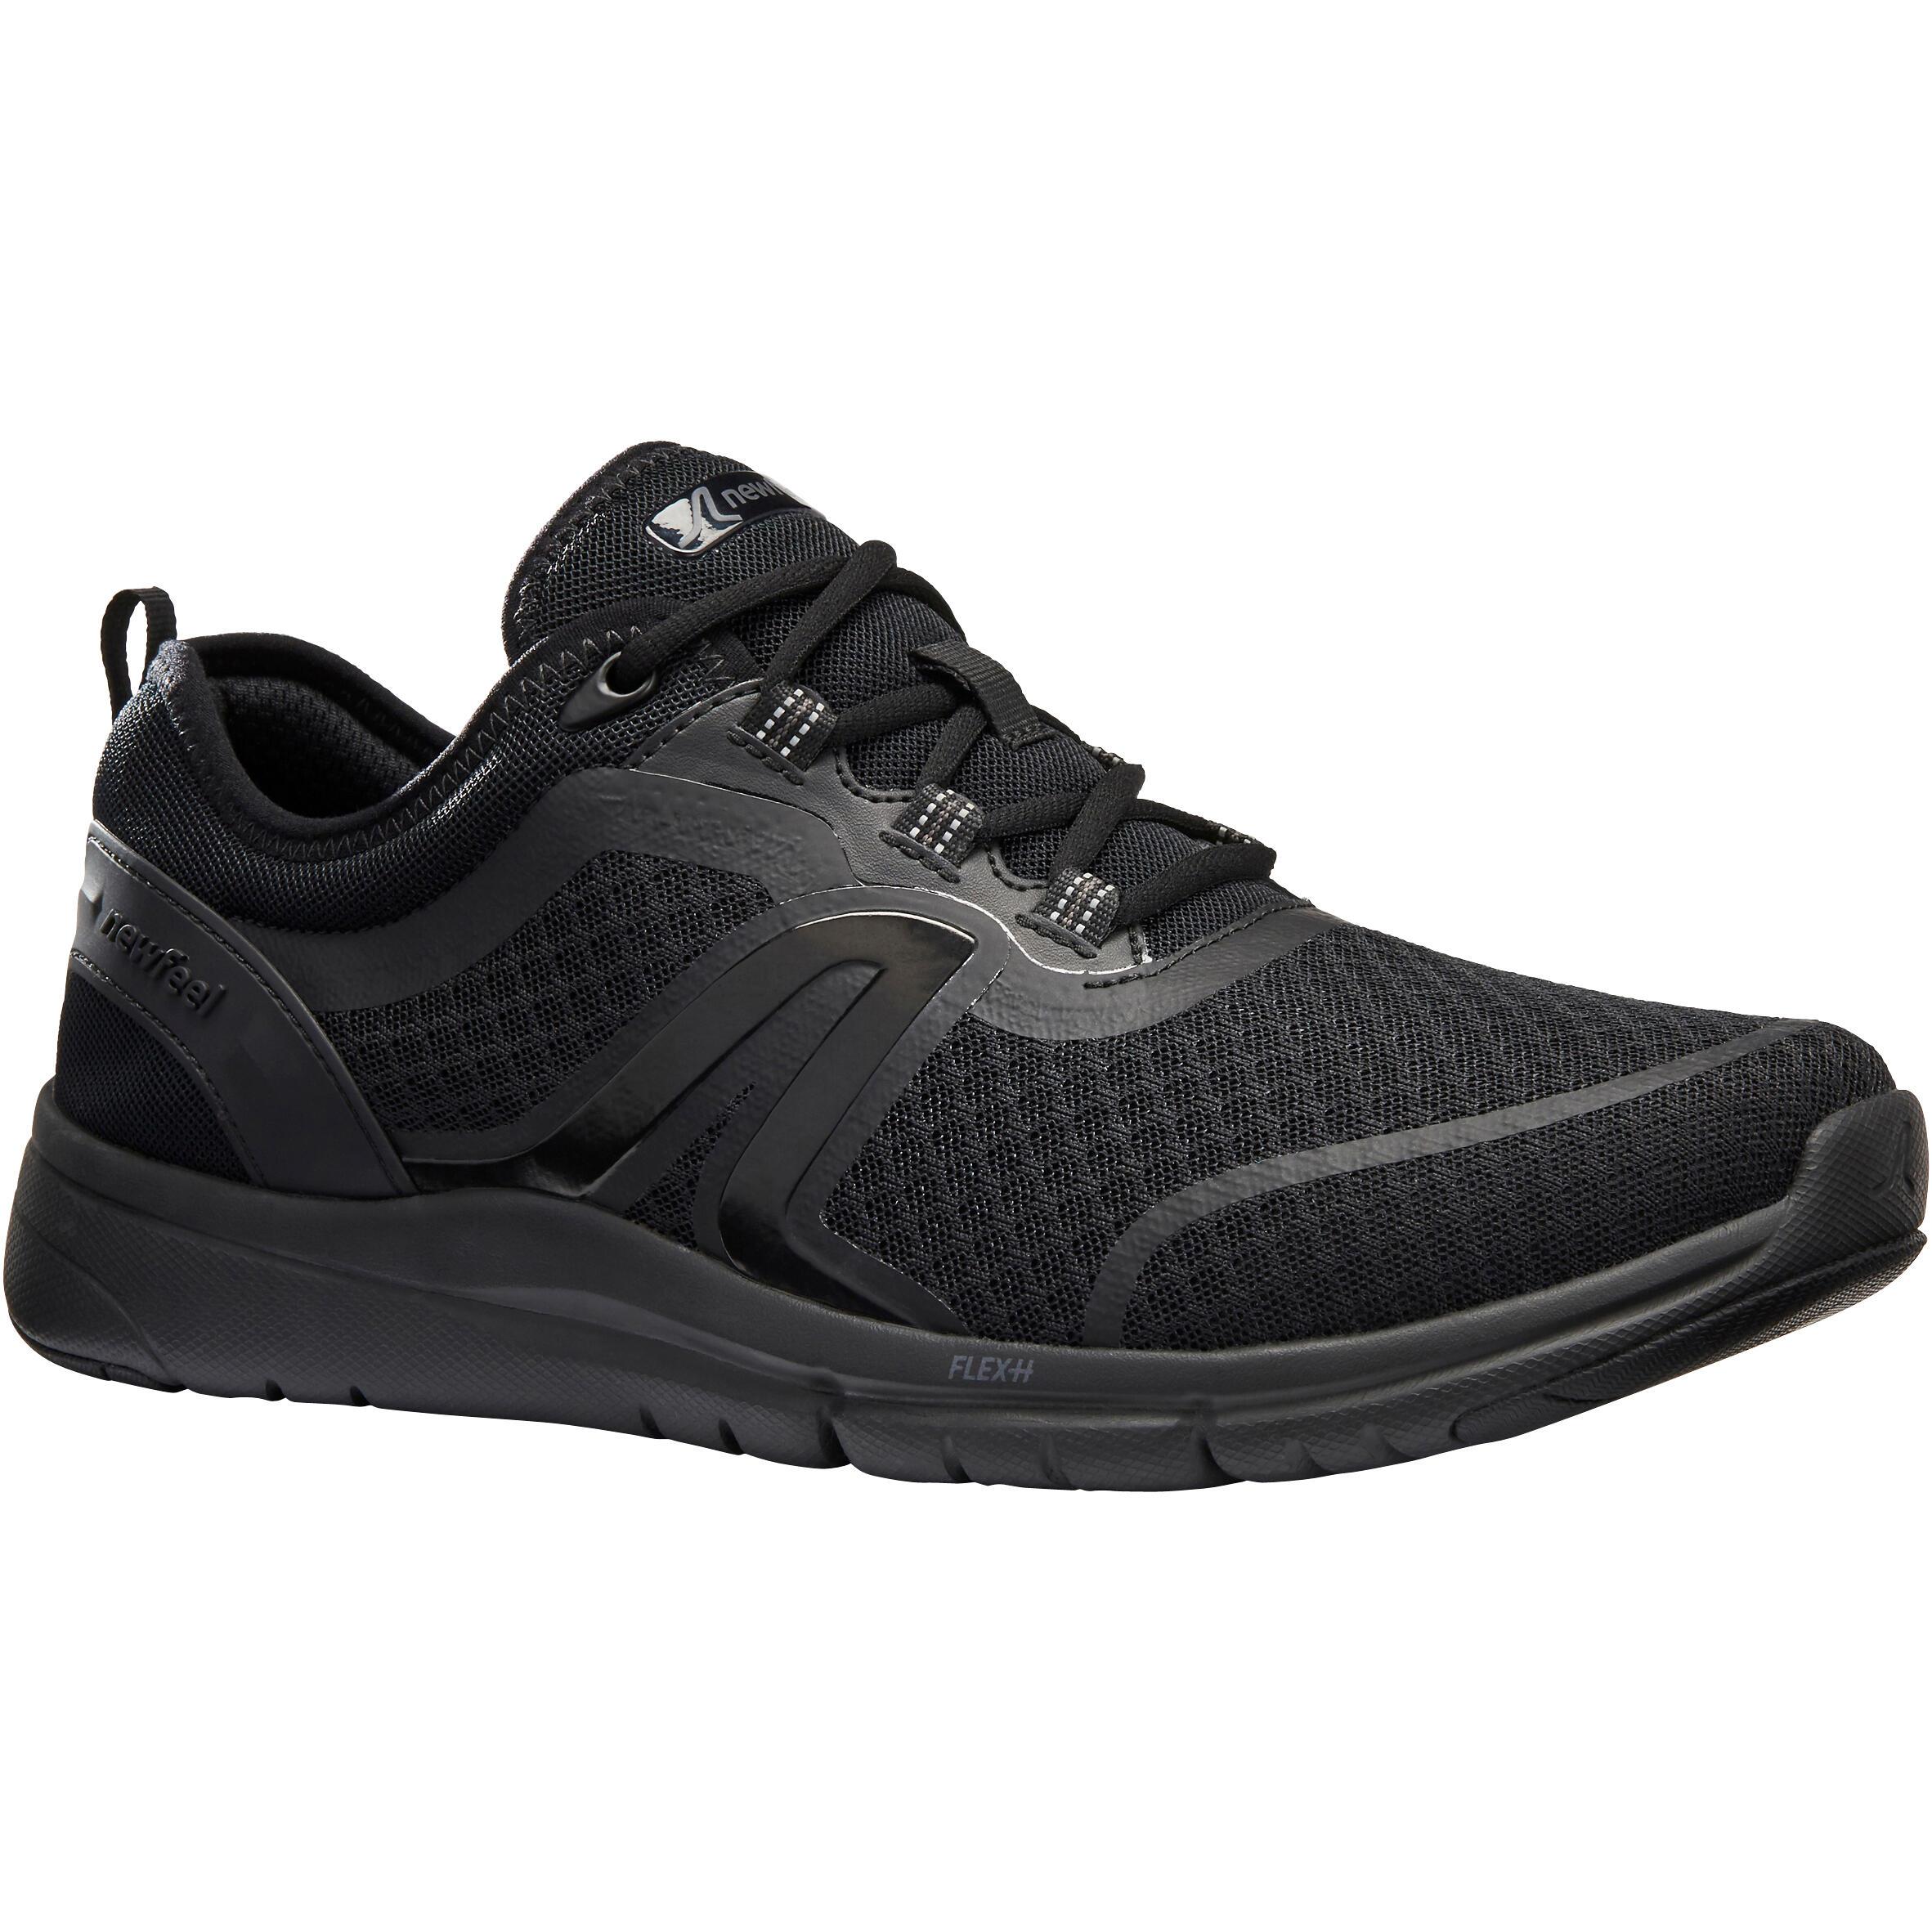 Newfeel Herensneakers voor sportief wandelen Soft 540 mesh